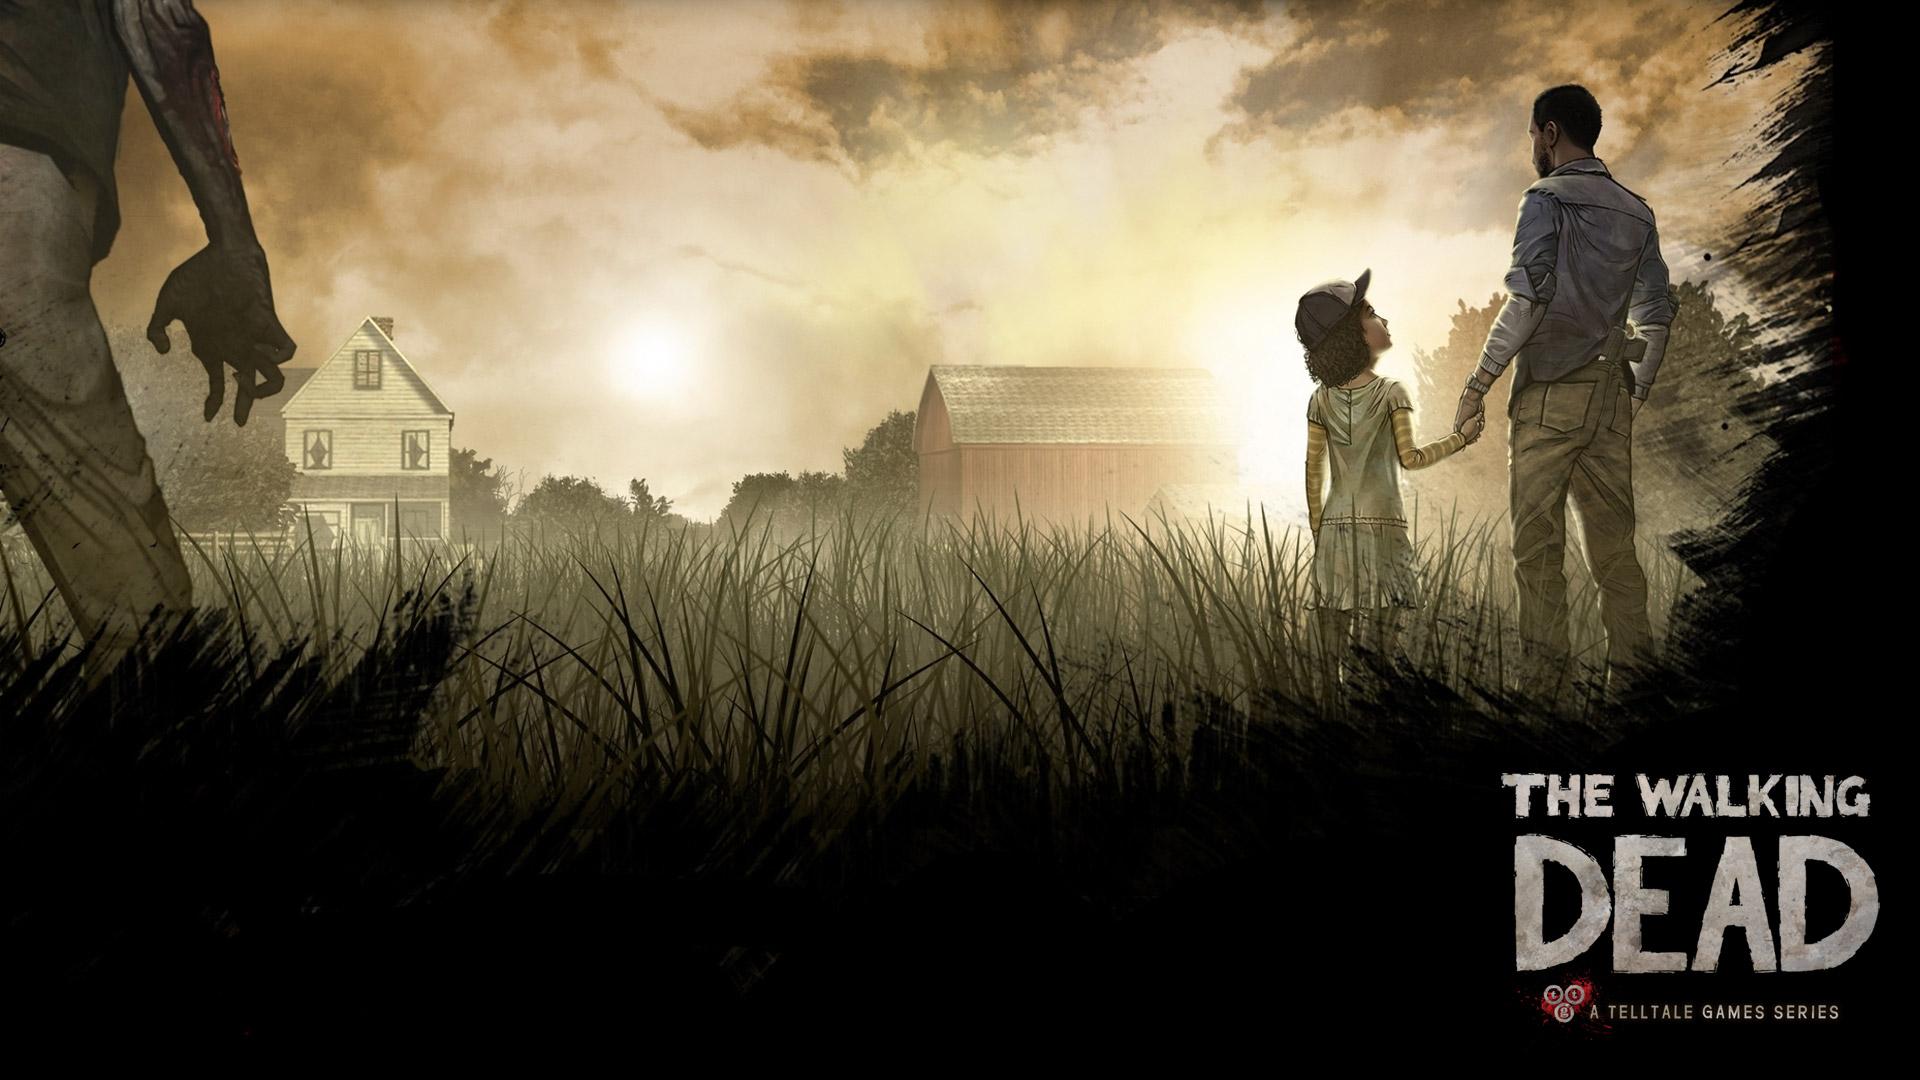 Free Download The Walking Dead Wallpaper In 1920x1080 1920x1080